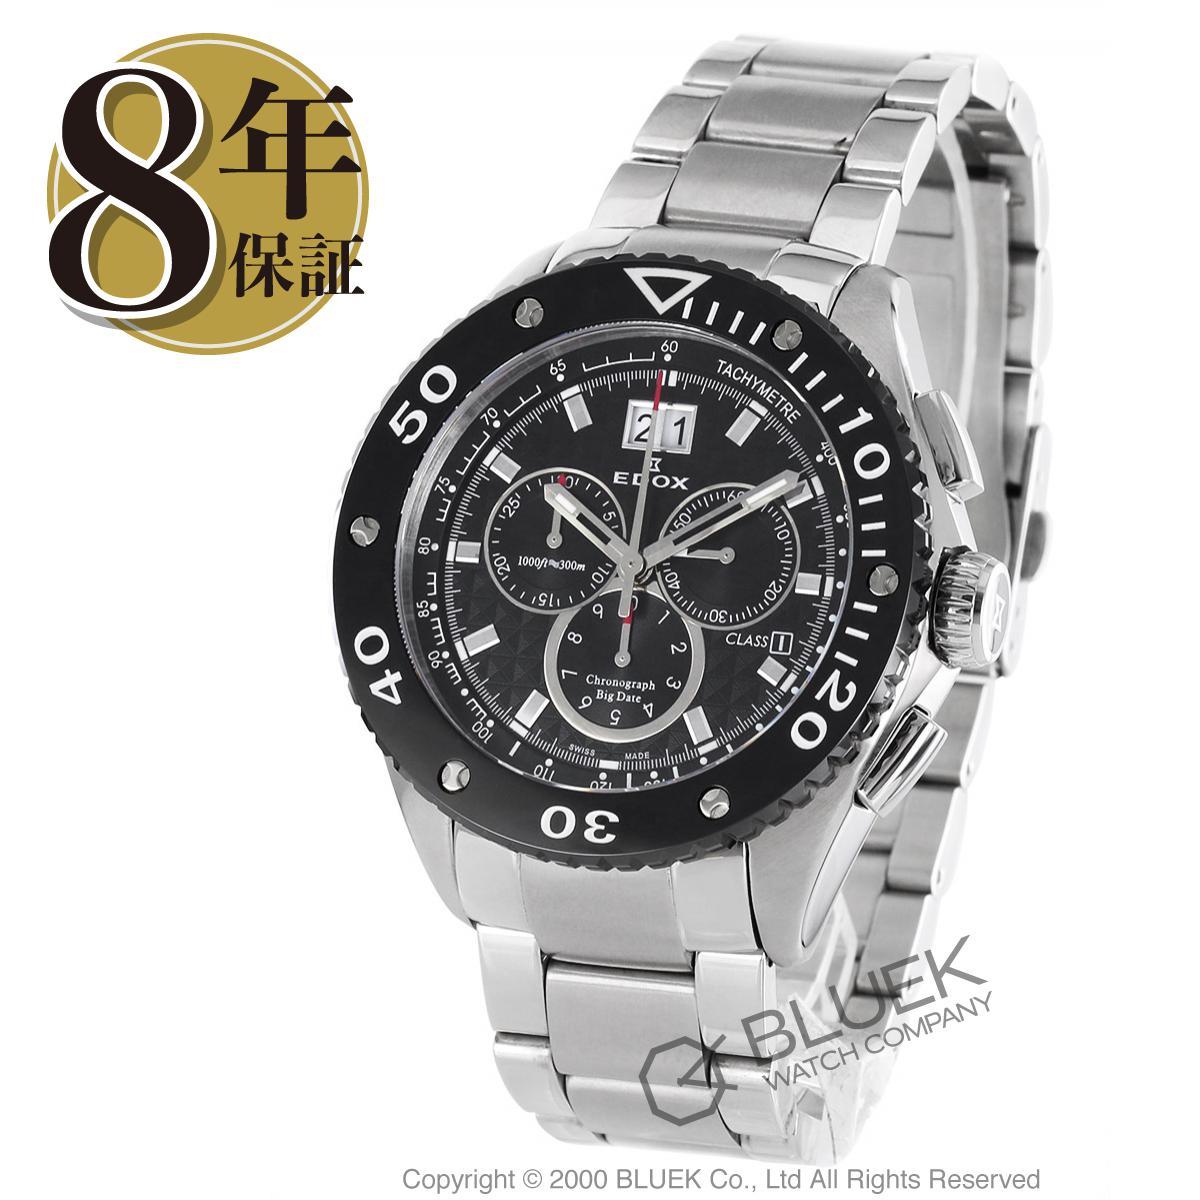 エドックス クロノオフショア1 クロノグラフ 300m防水 腕時計 メンズ EDOX 10017-3-NIN2_8